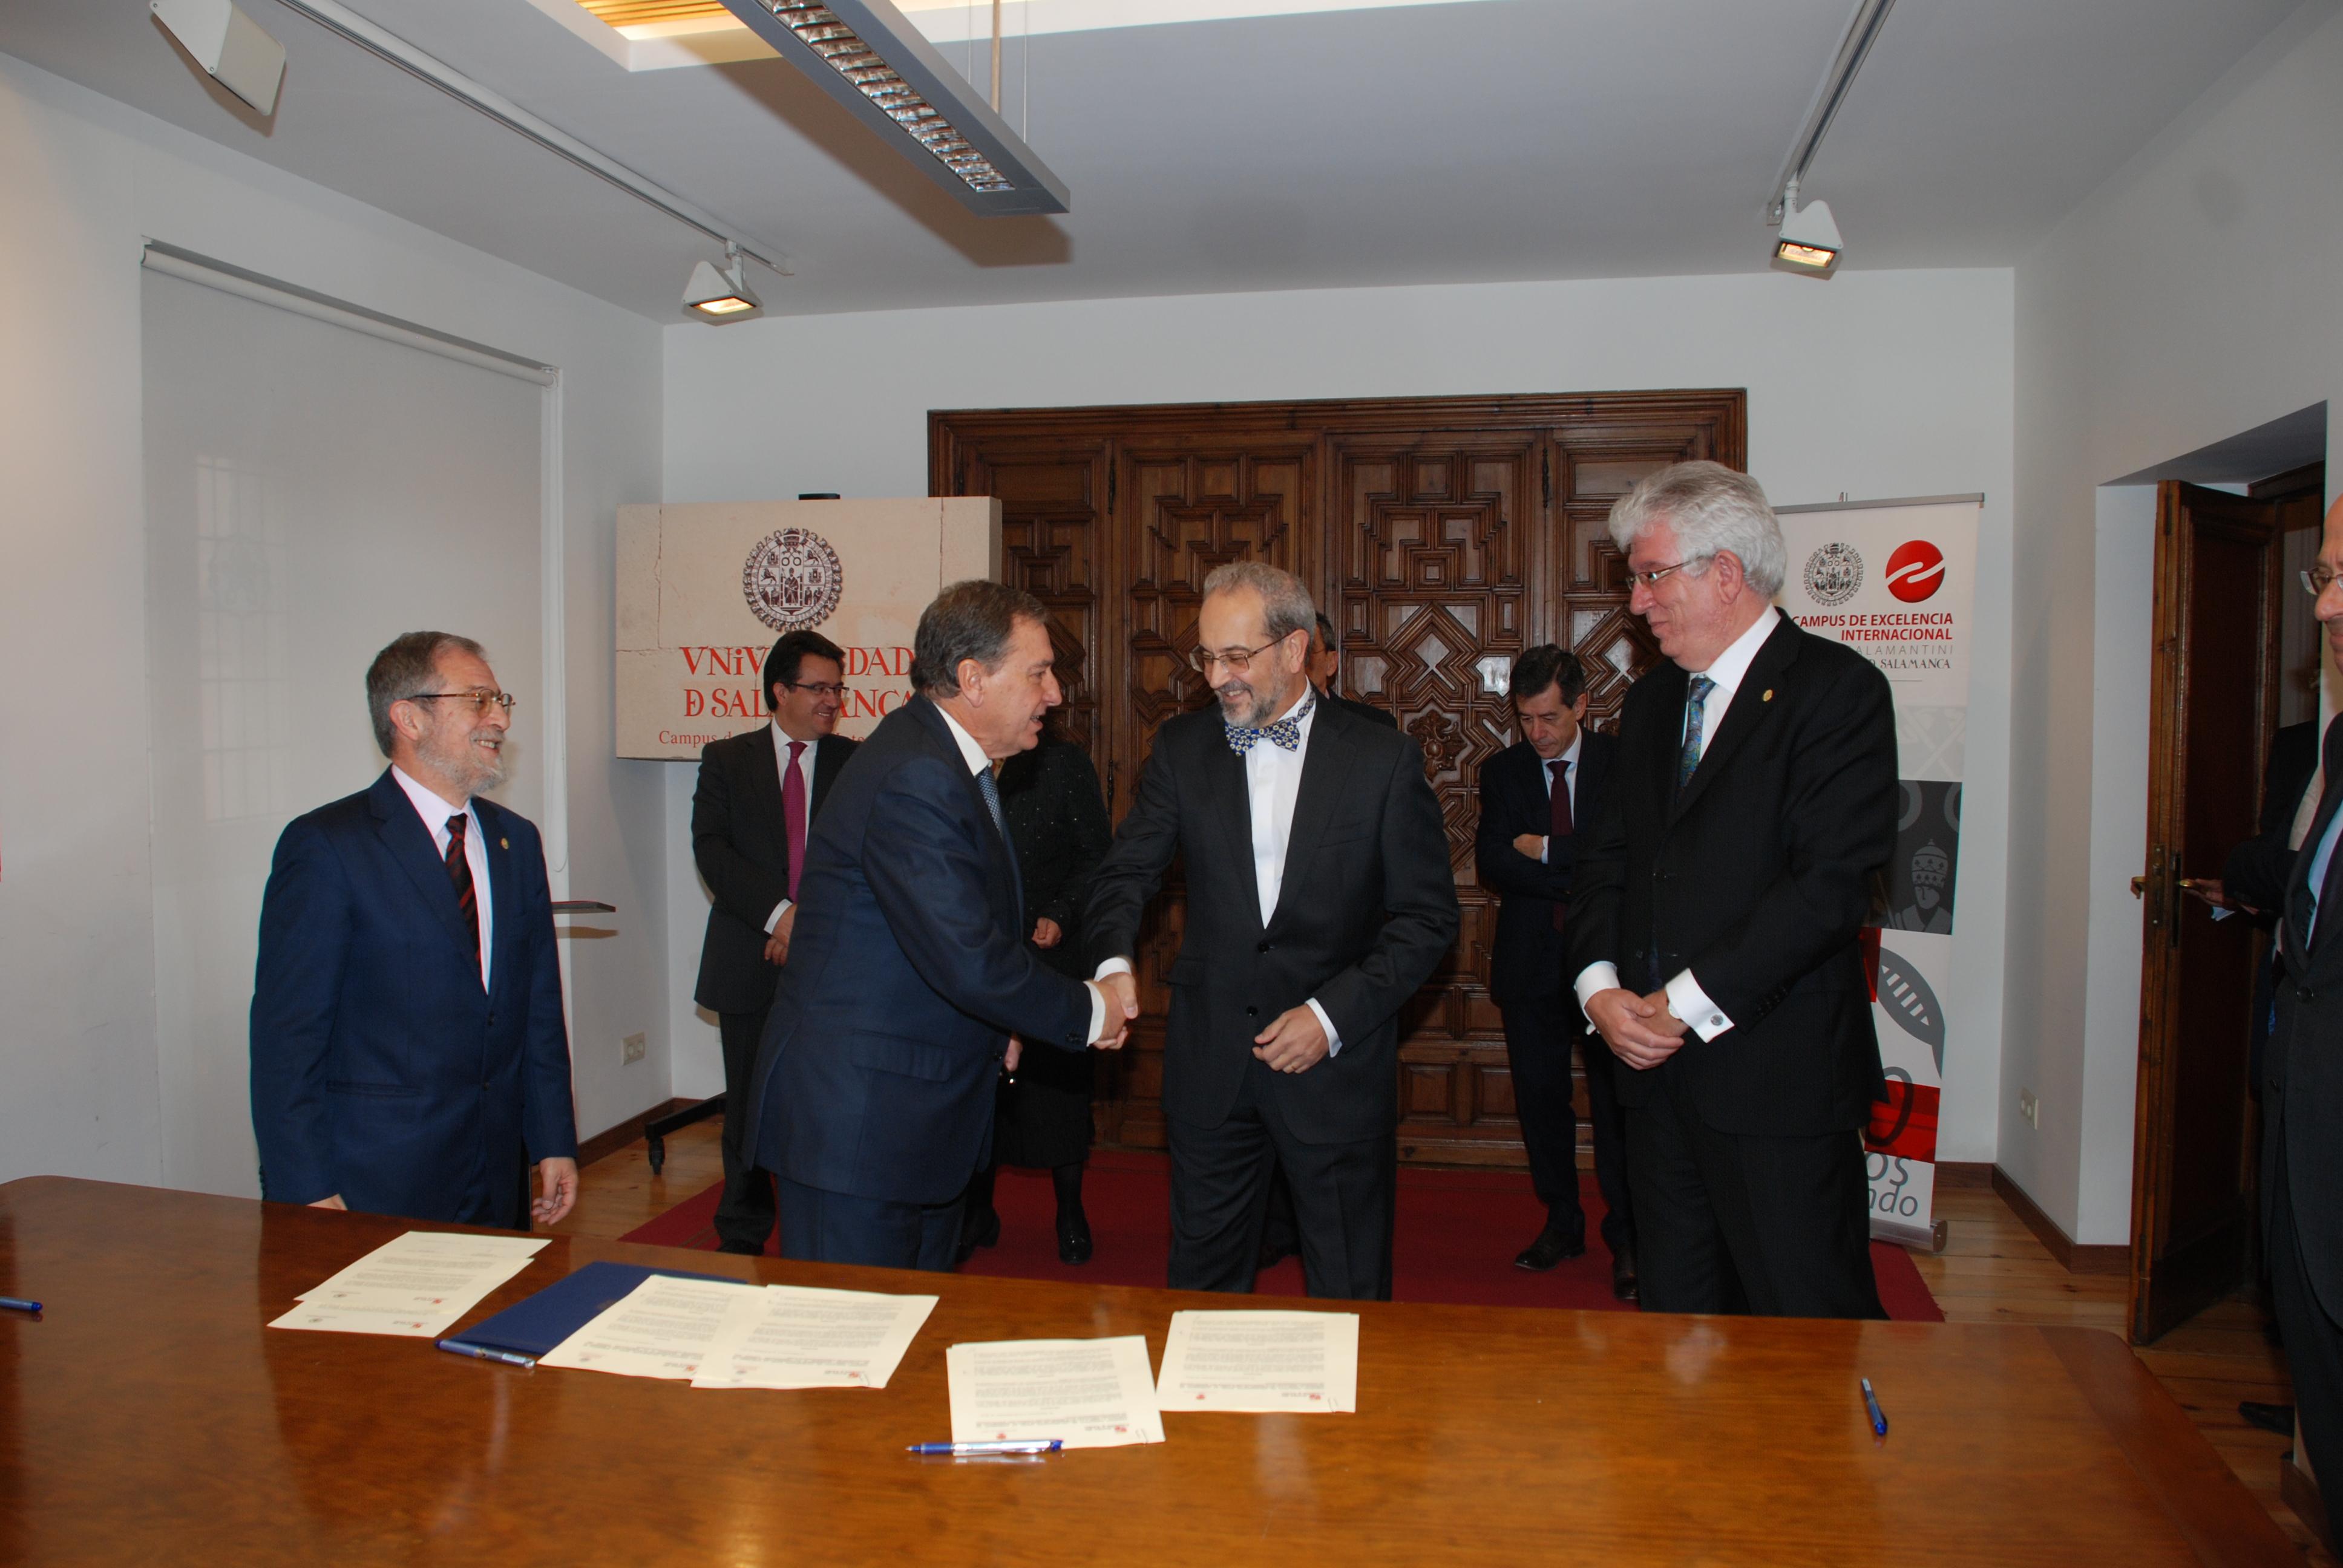 La Universidad de Salamanca colabora con la Consejería de Educación de Castilla y León en el desarrollo del Bachillerato de Investigación/Excelencia